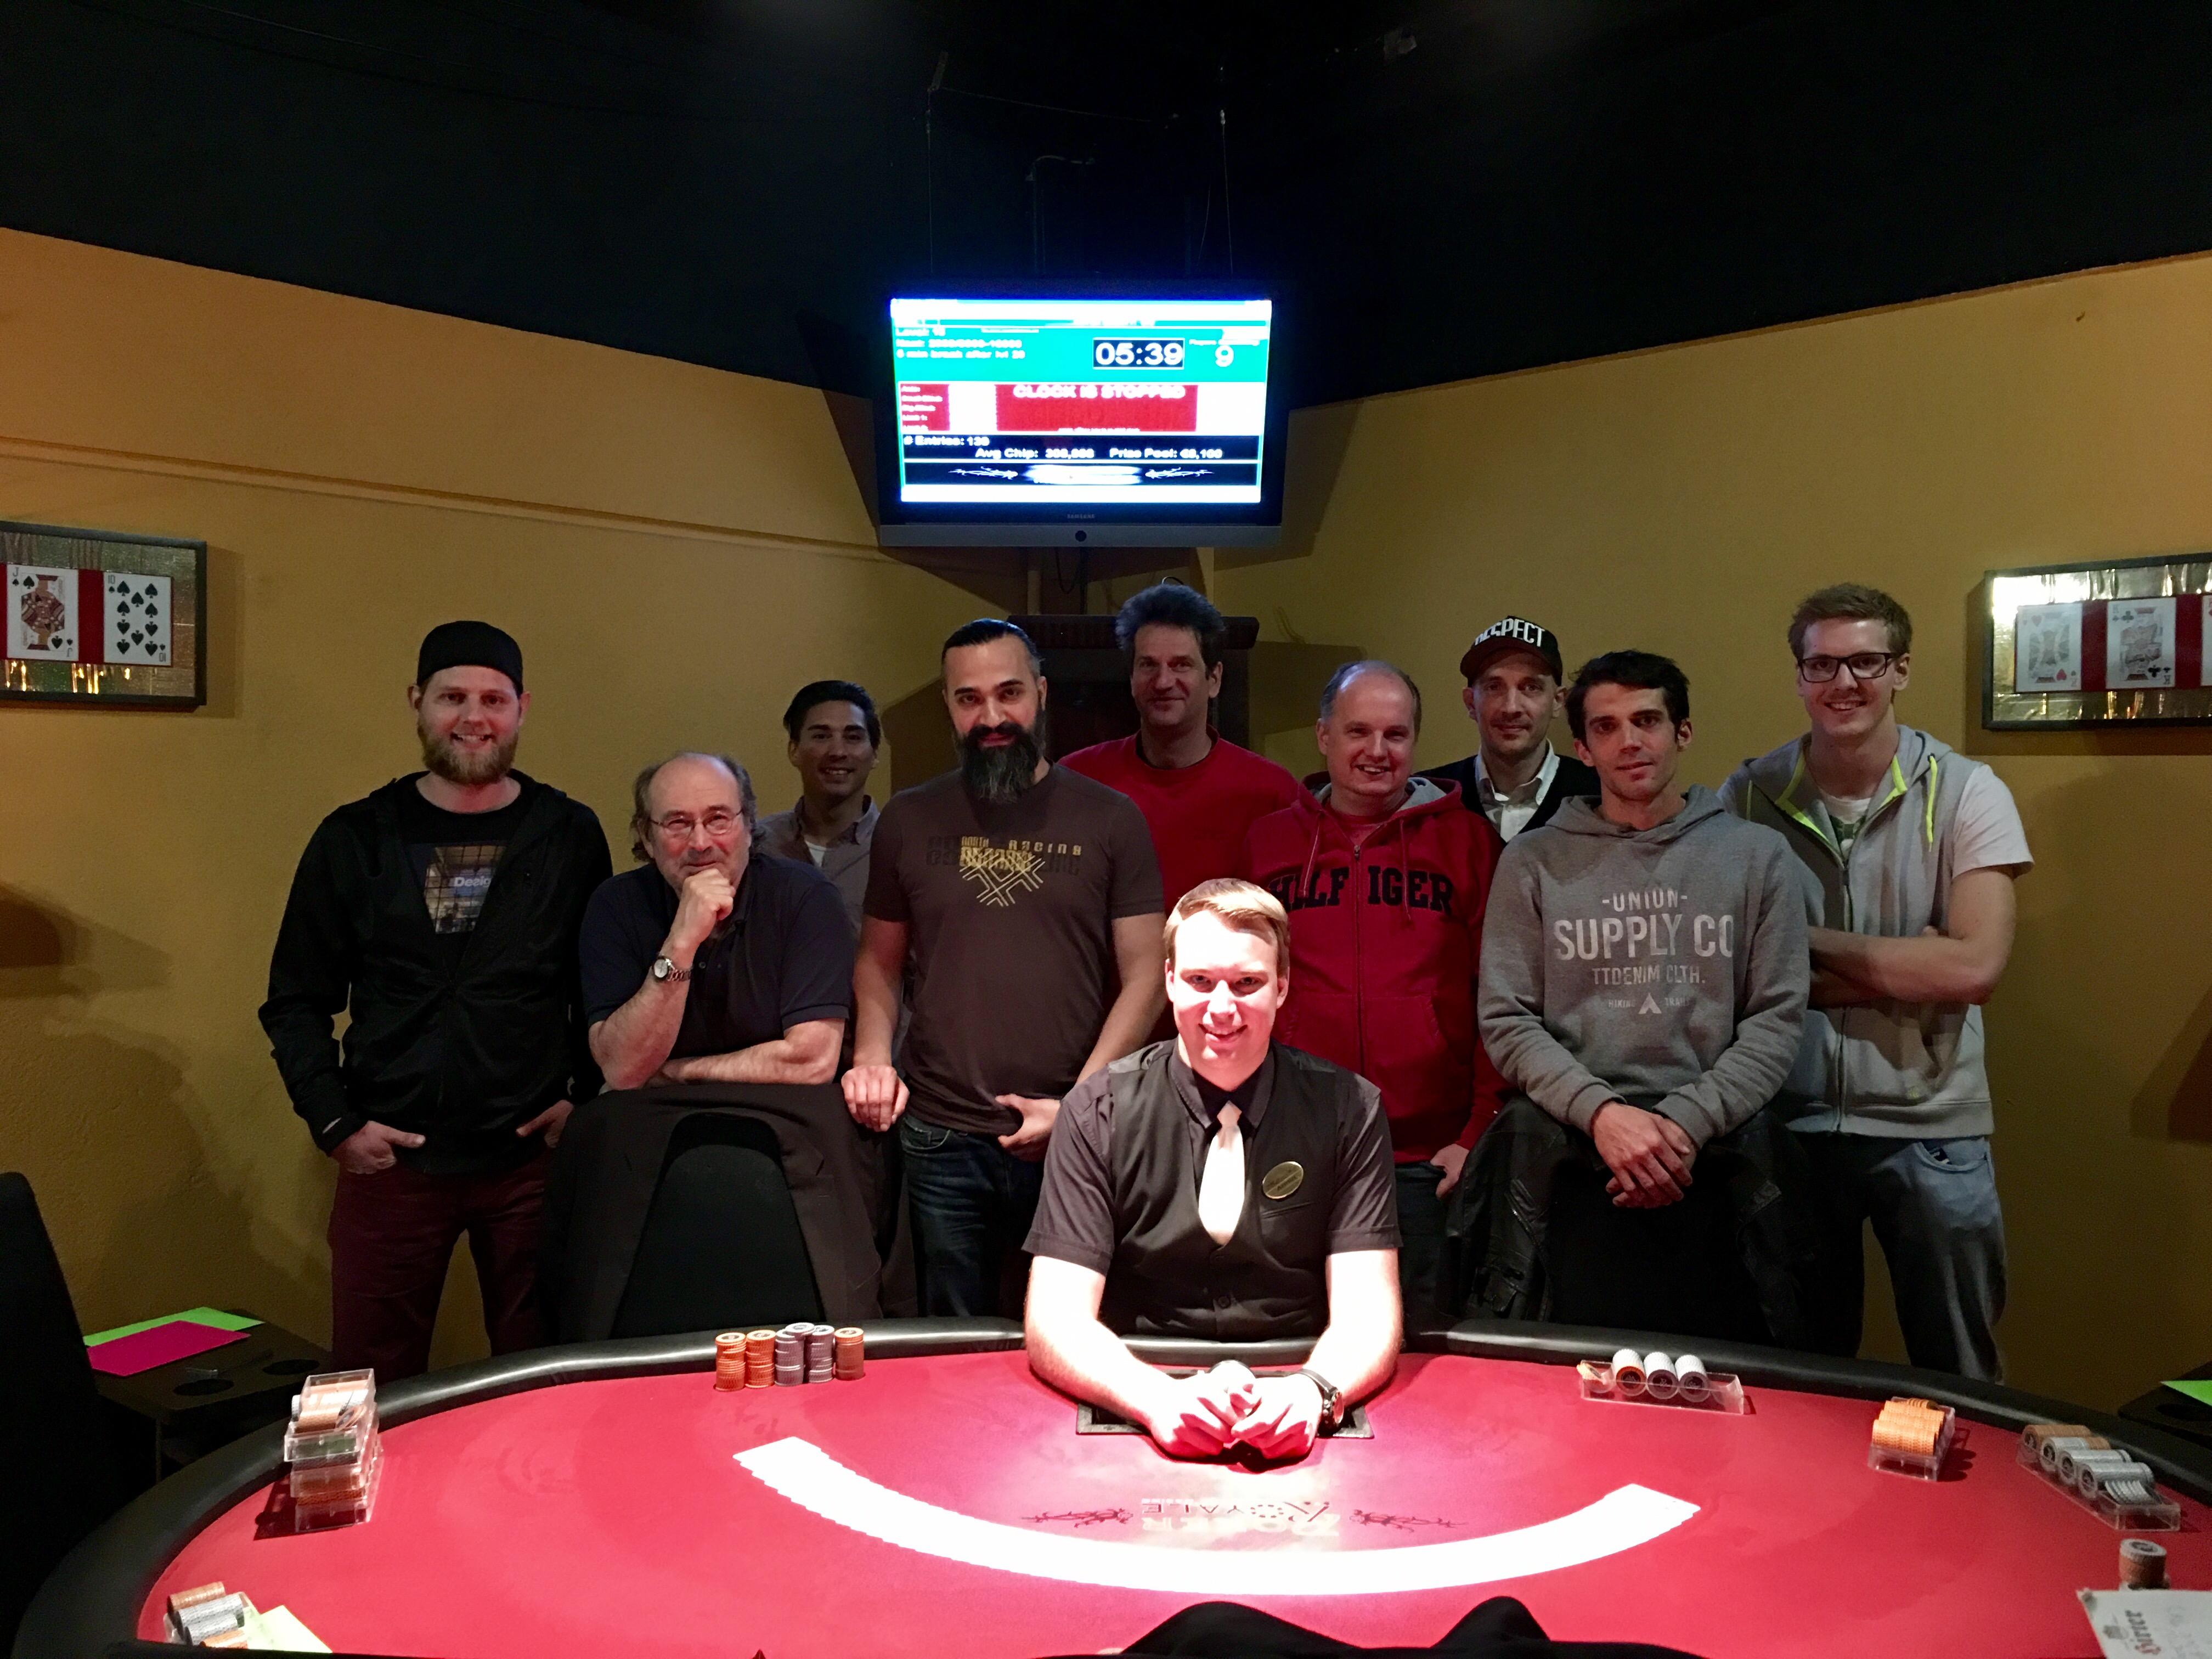 casino royale online watch online spiele zum anmelden